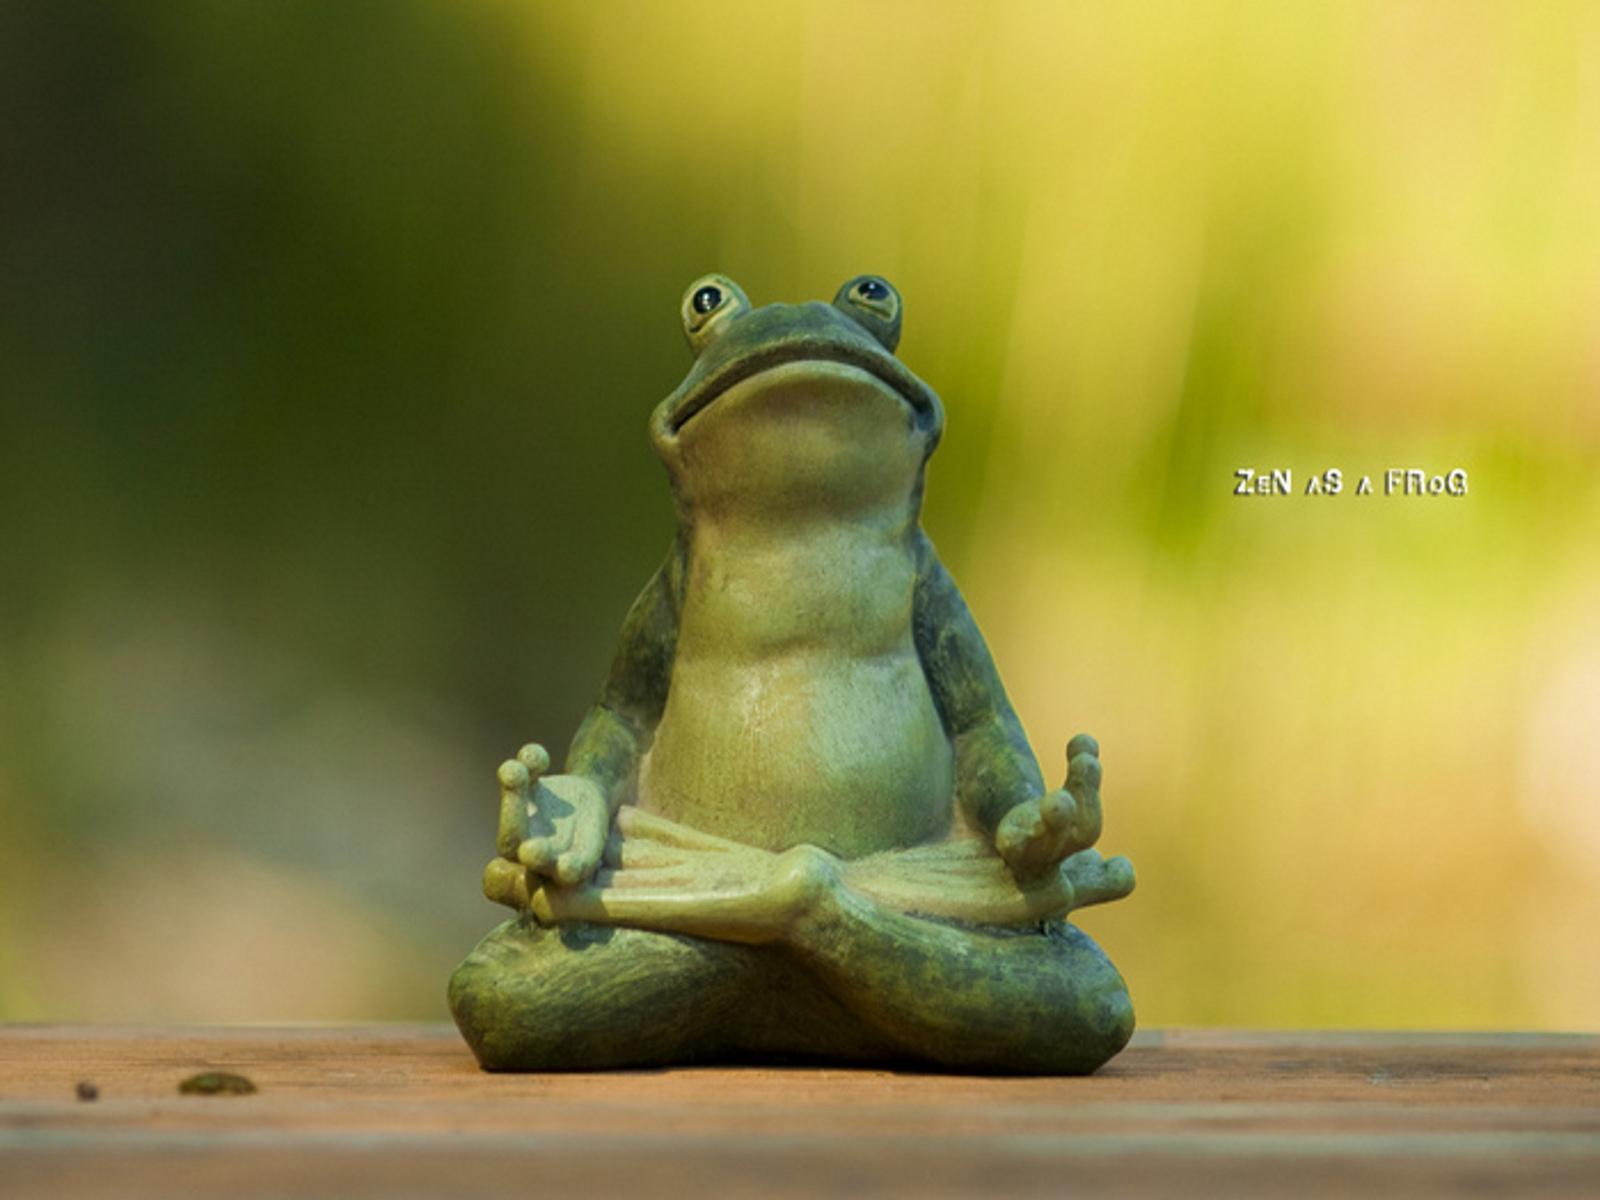 Wallpaper Wednesday Zen As A Frog Zenplicity Wallpaper 1600x1200